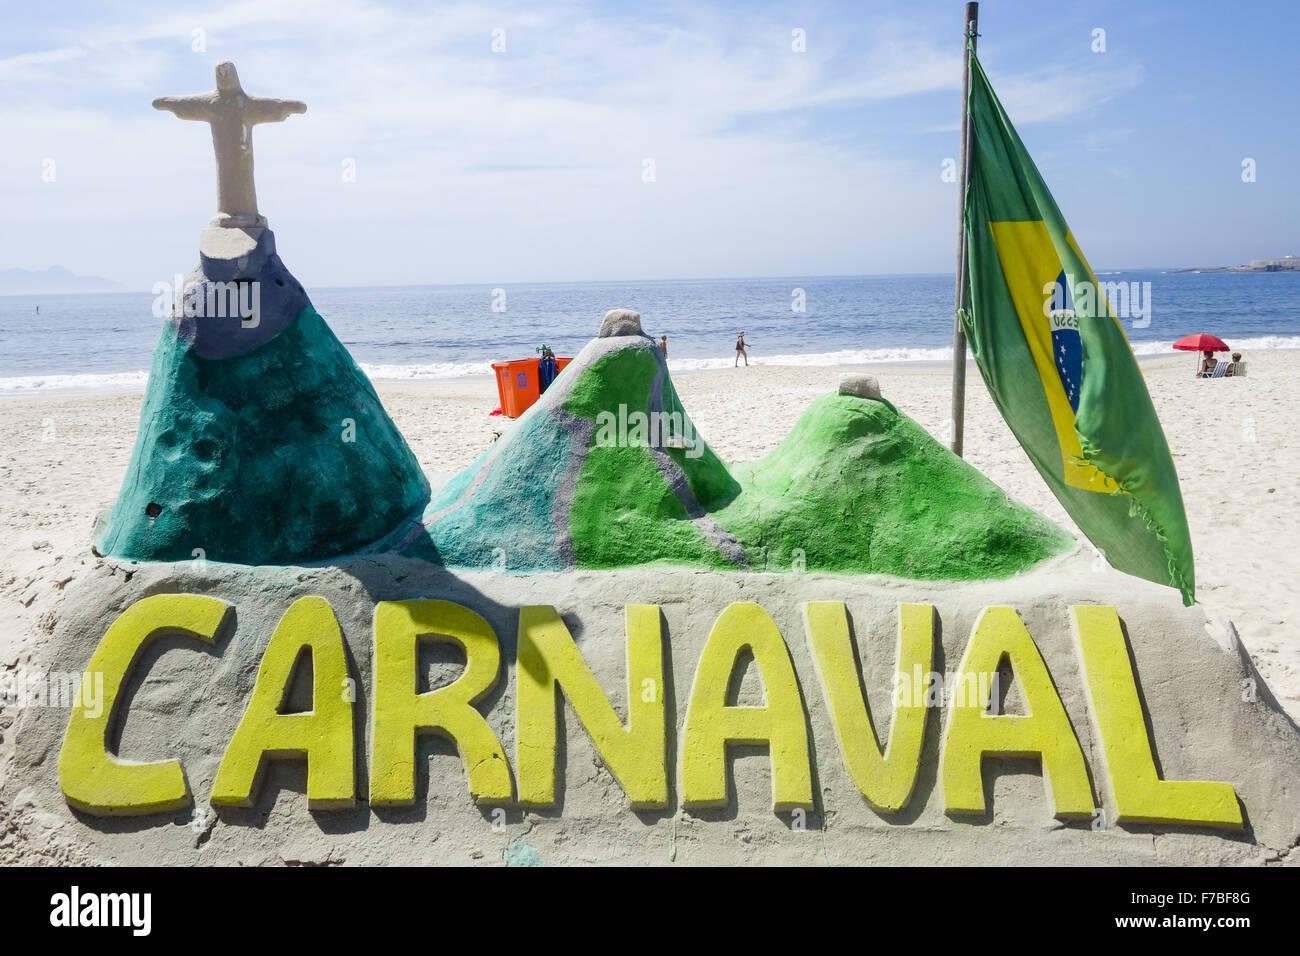 Rio de Janeiro, Copacabana, Carnaval 2014, Brazil Stock Photo